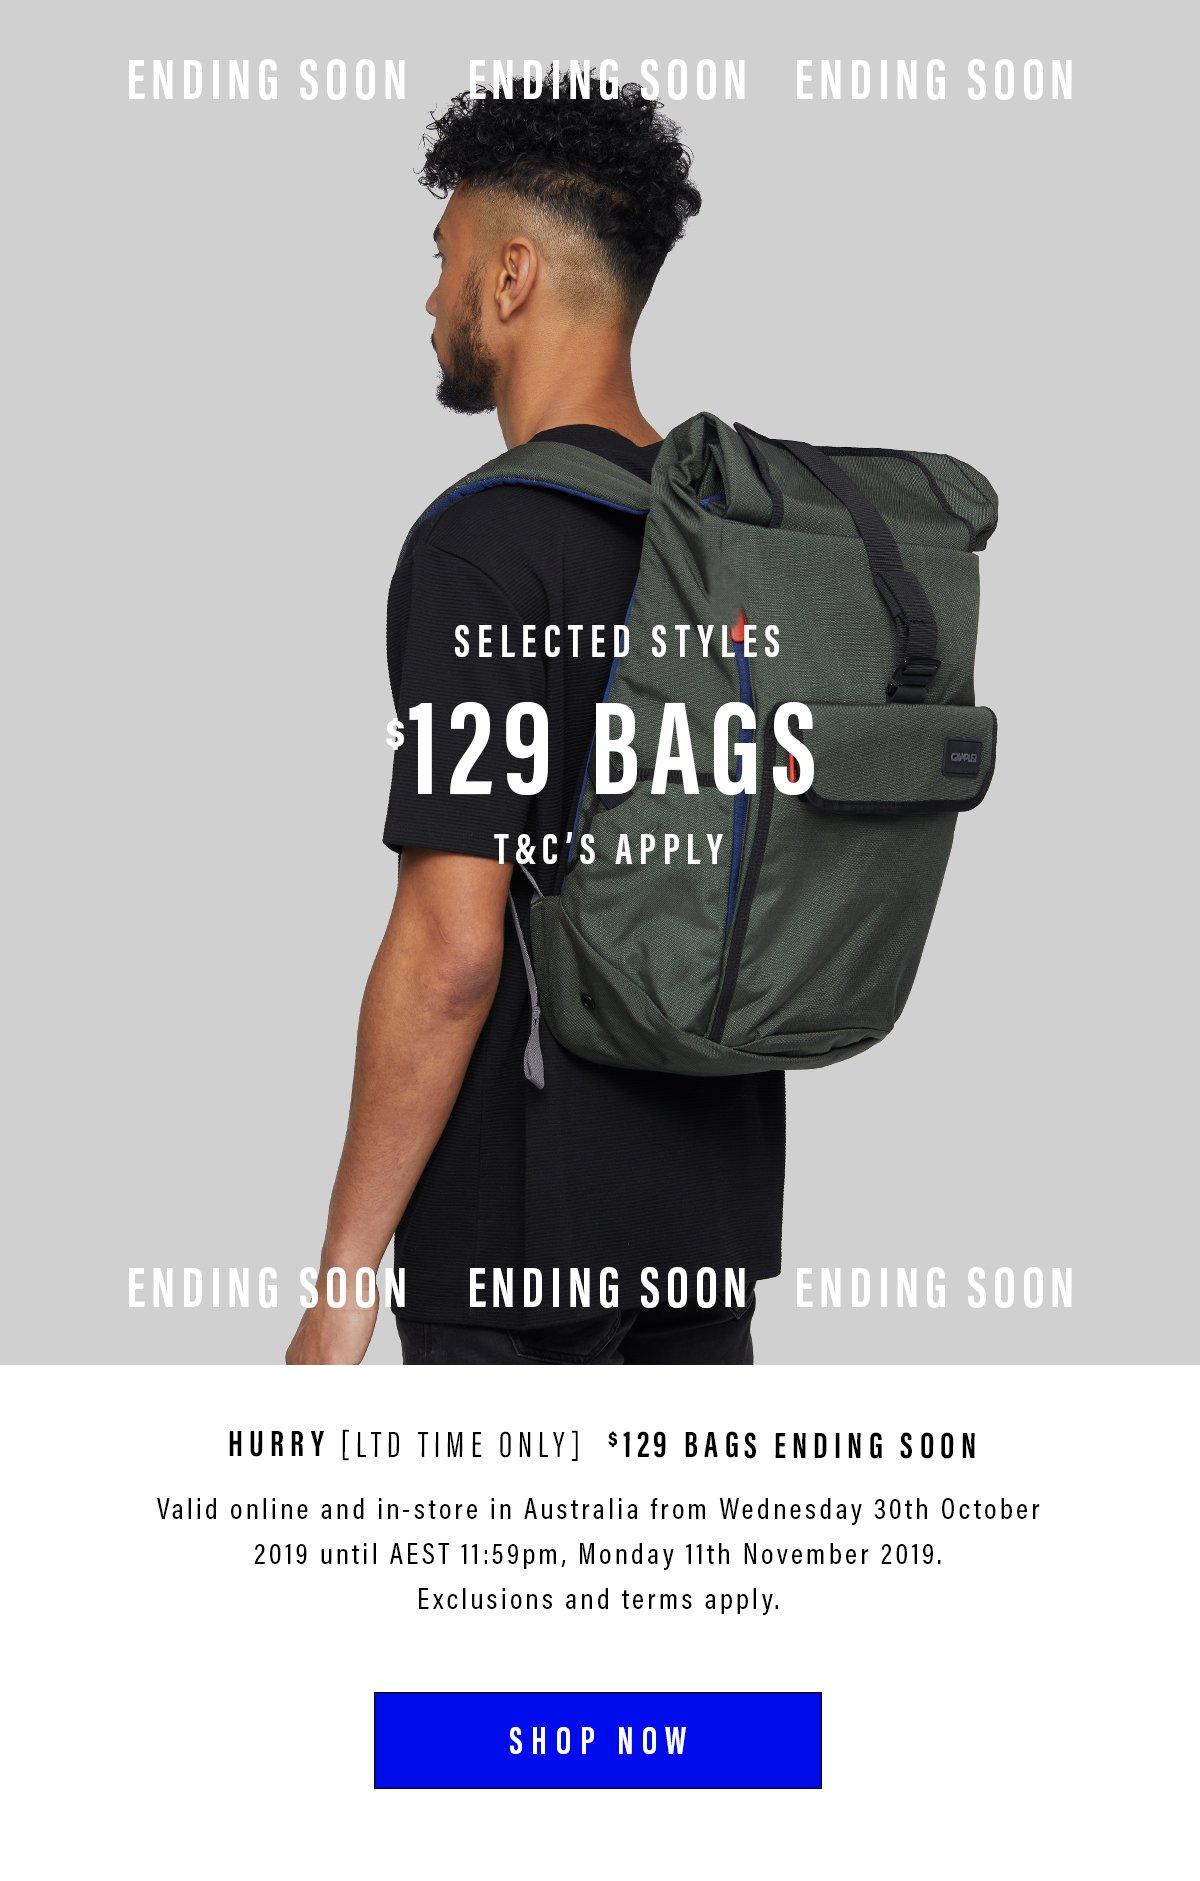 Shop $129 Bags